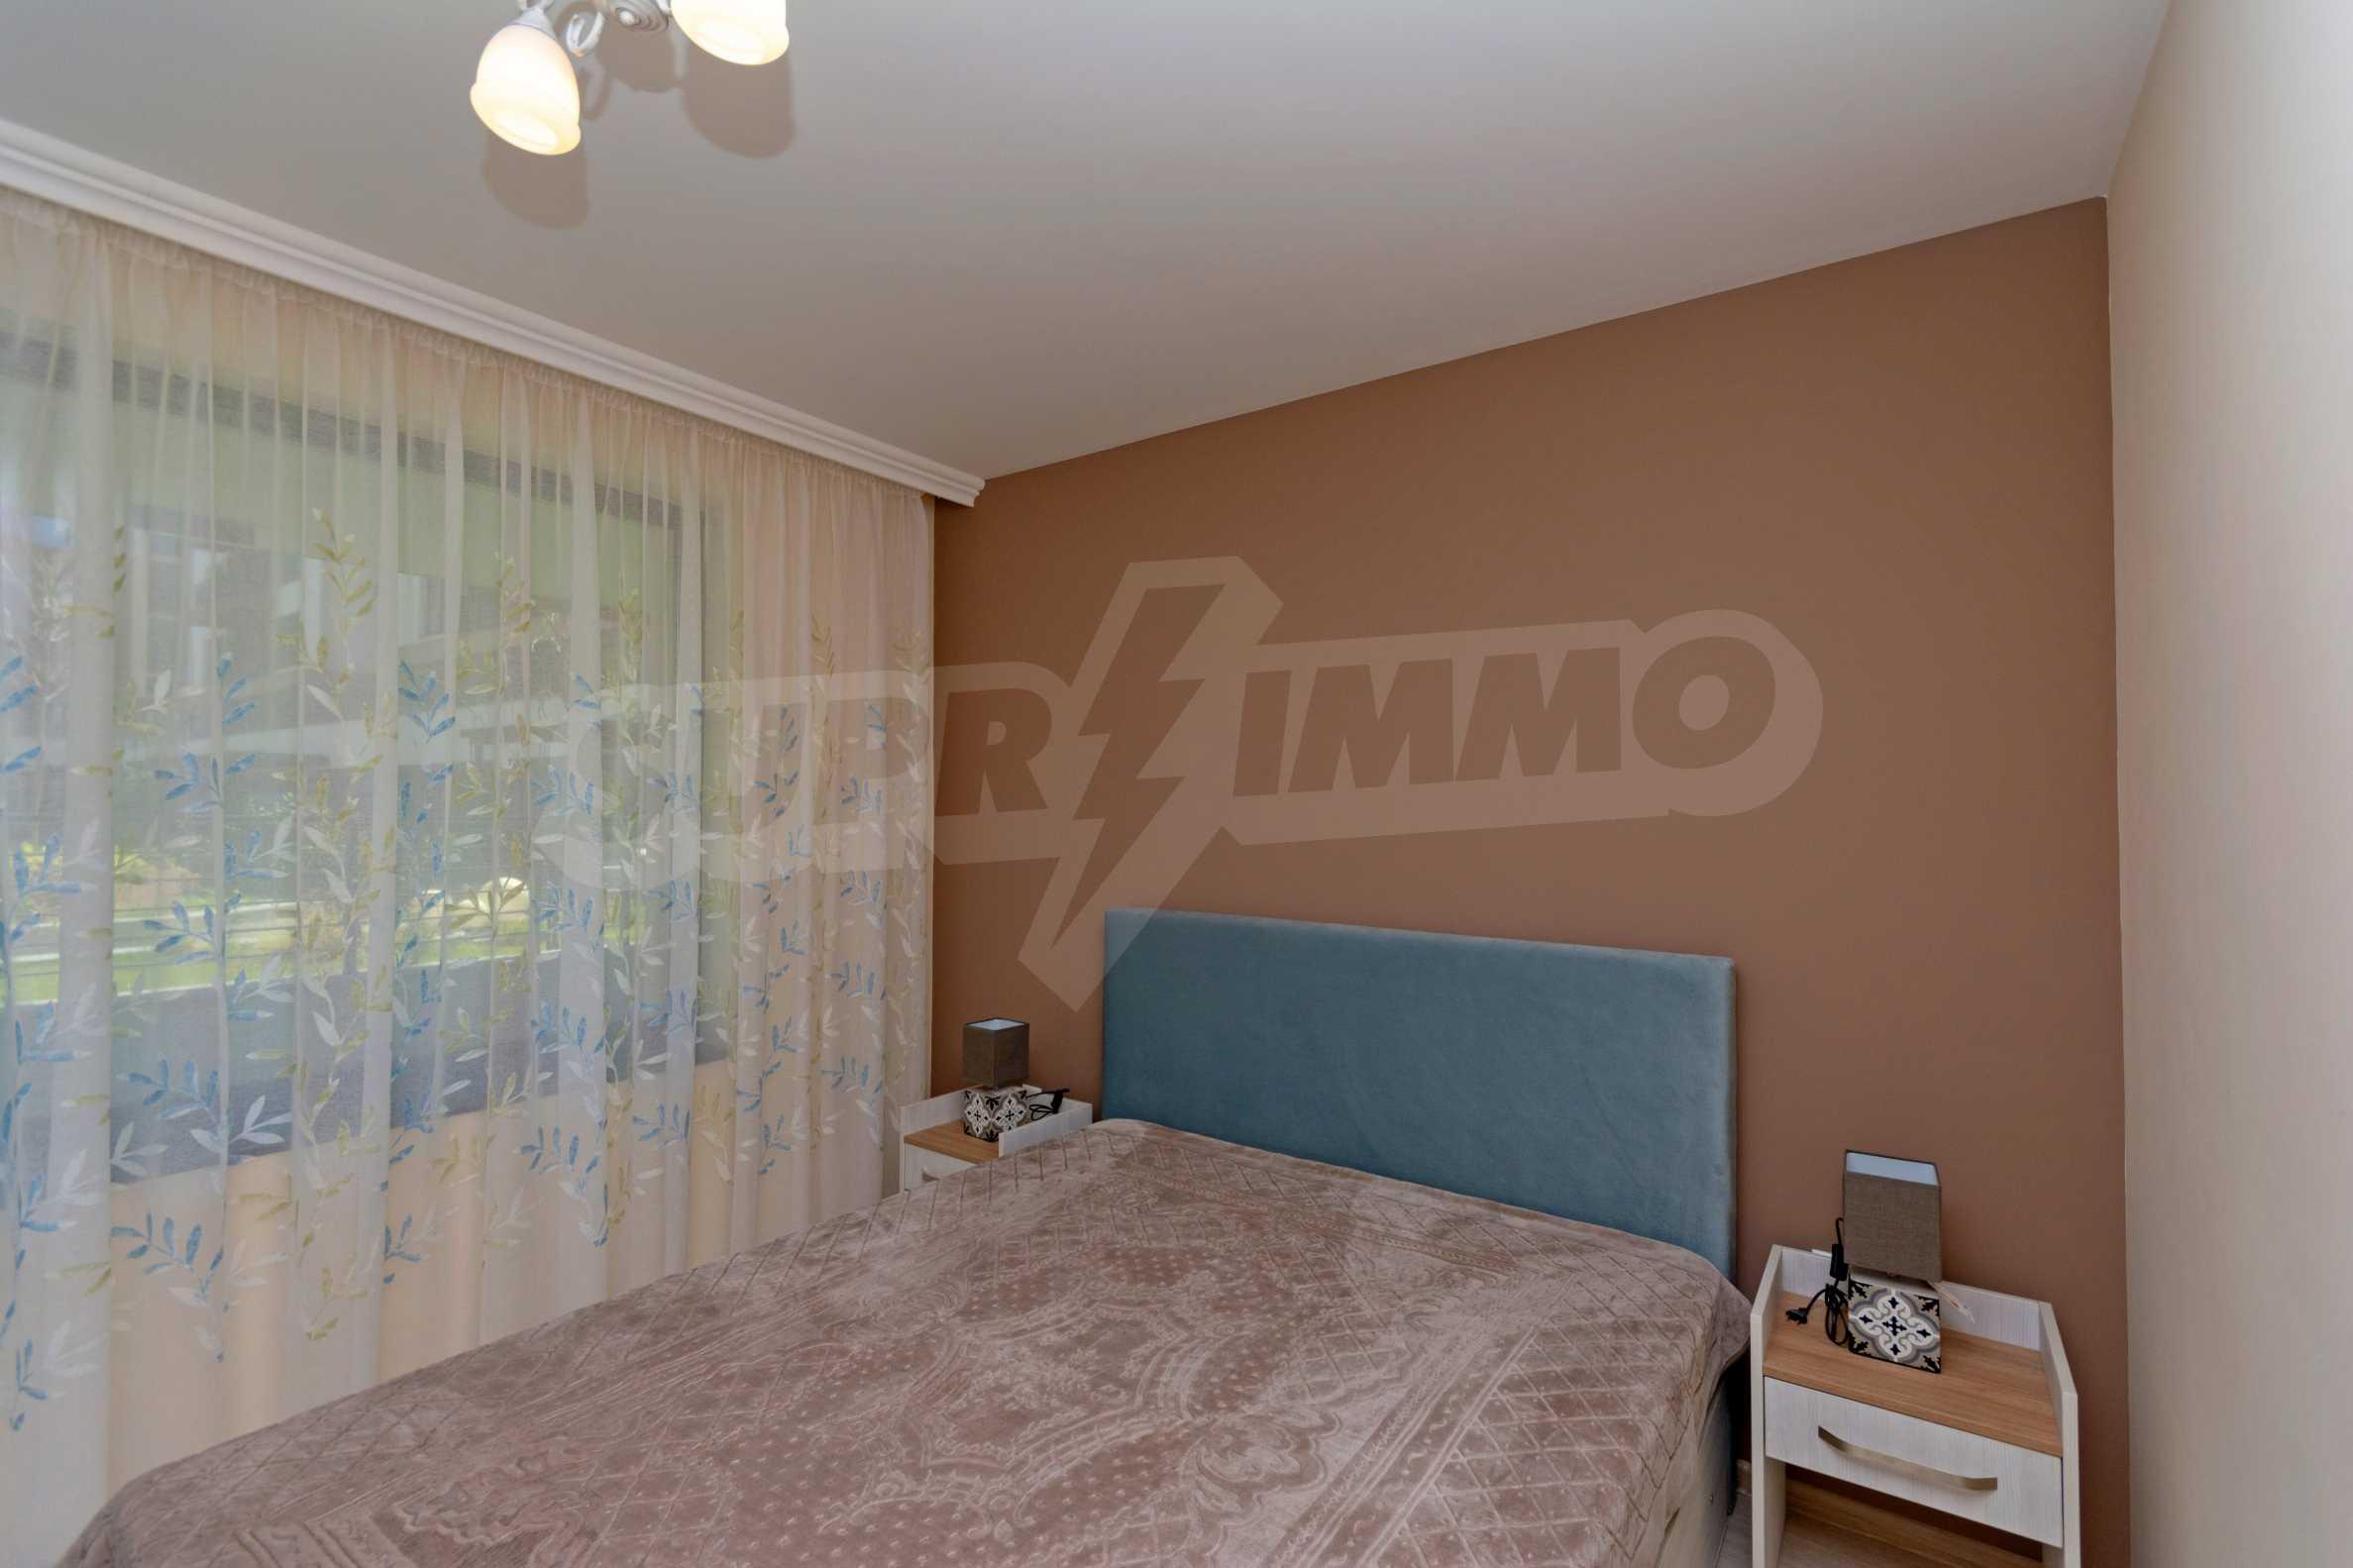 Двустаен апартамент в луксозна жилищна сграда на комуникативна локация в гр.Пловдив 7